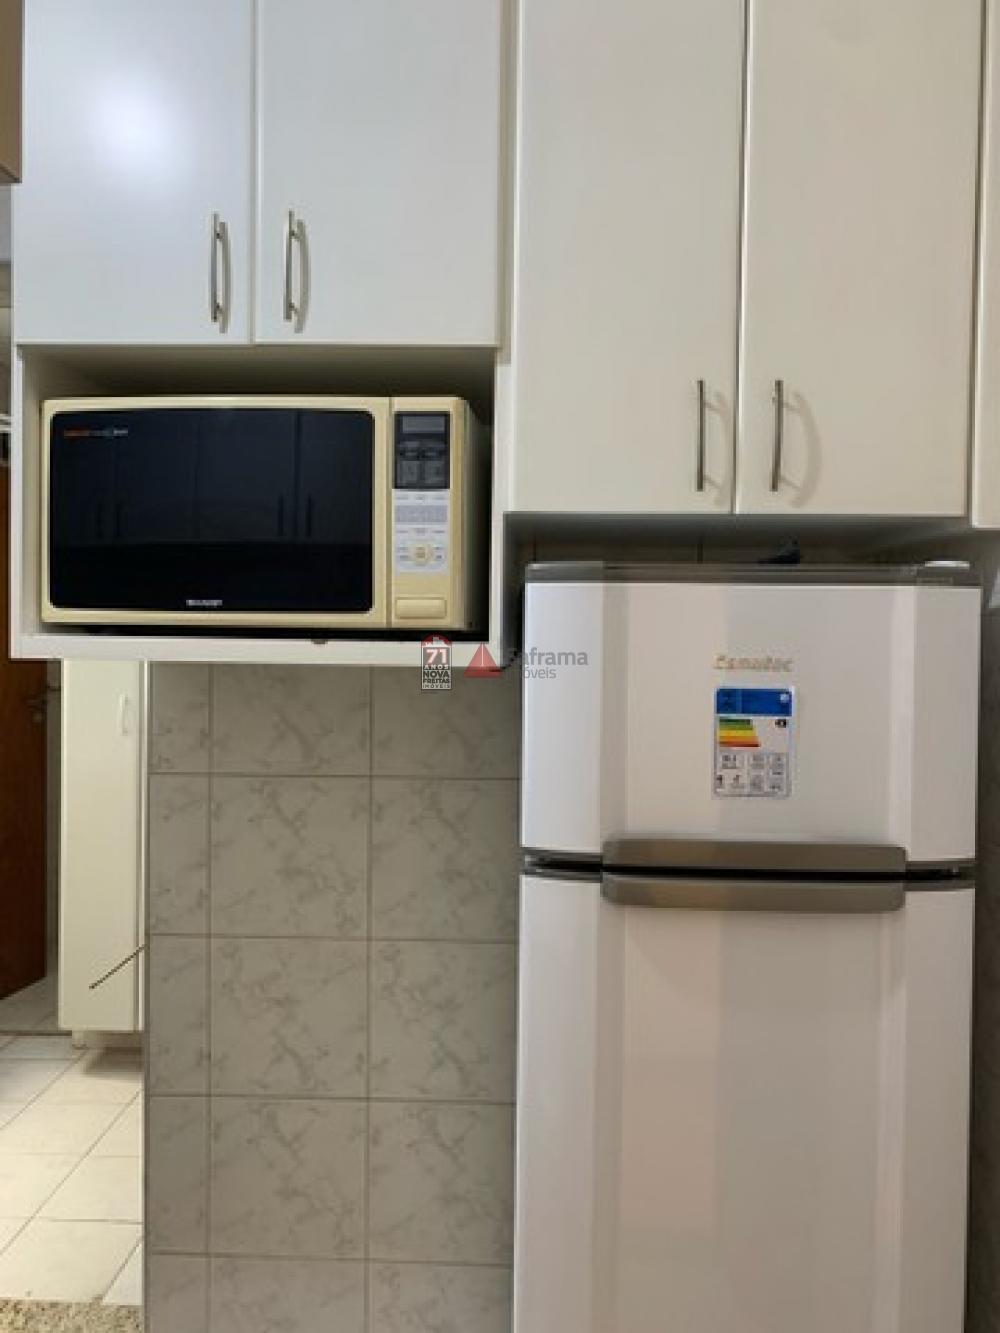 Alugar Apartamento / Padrão em São José dos Campos R$ 1.540,00 - Foto 5